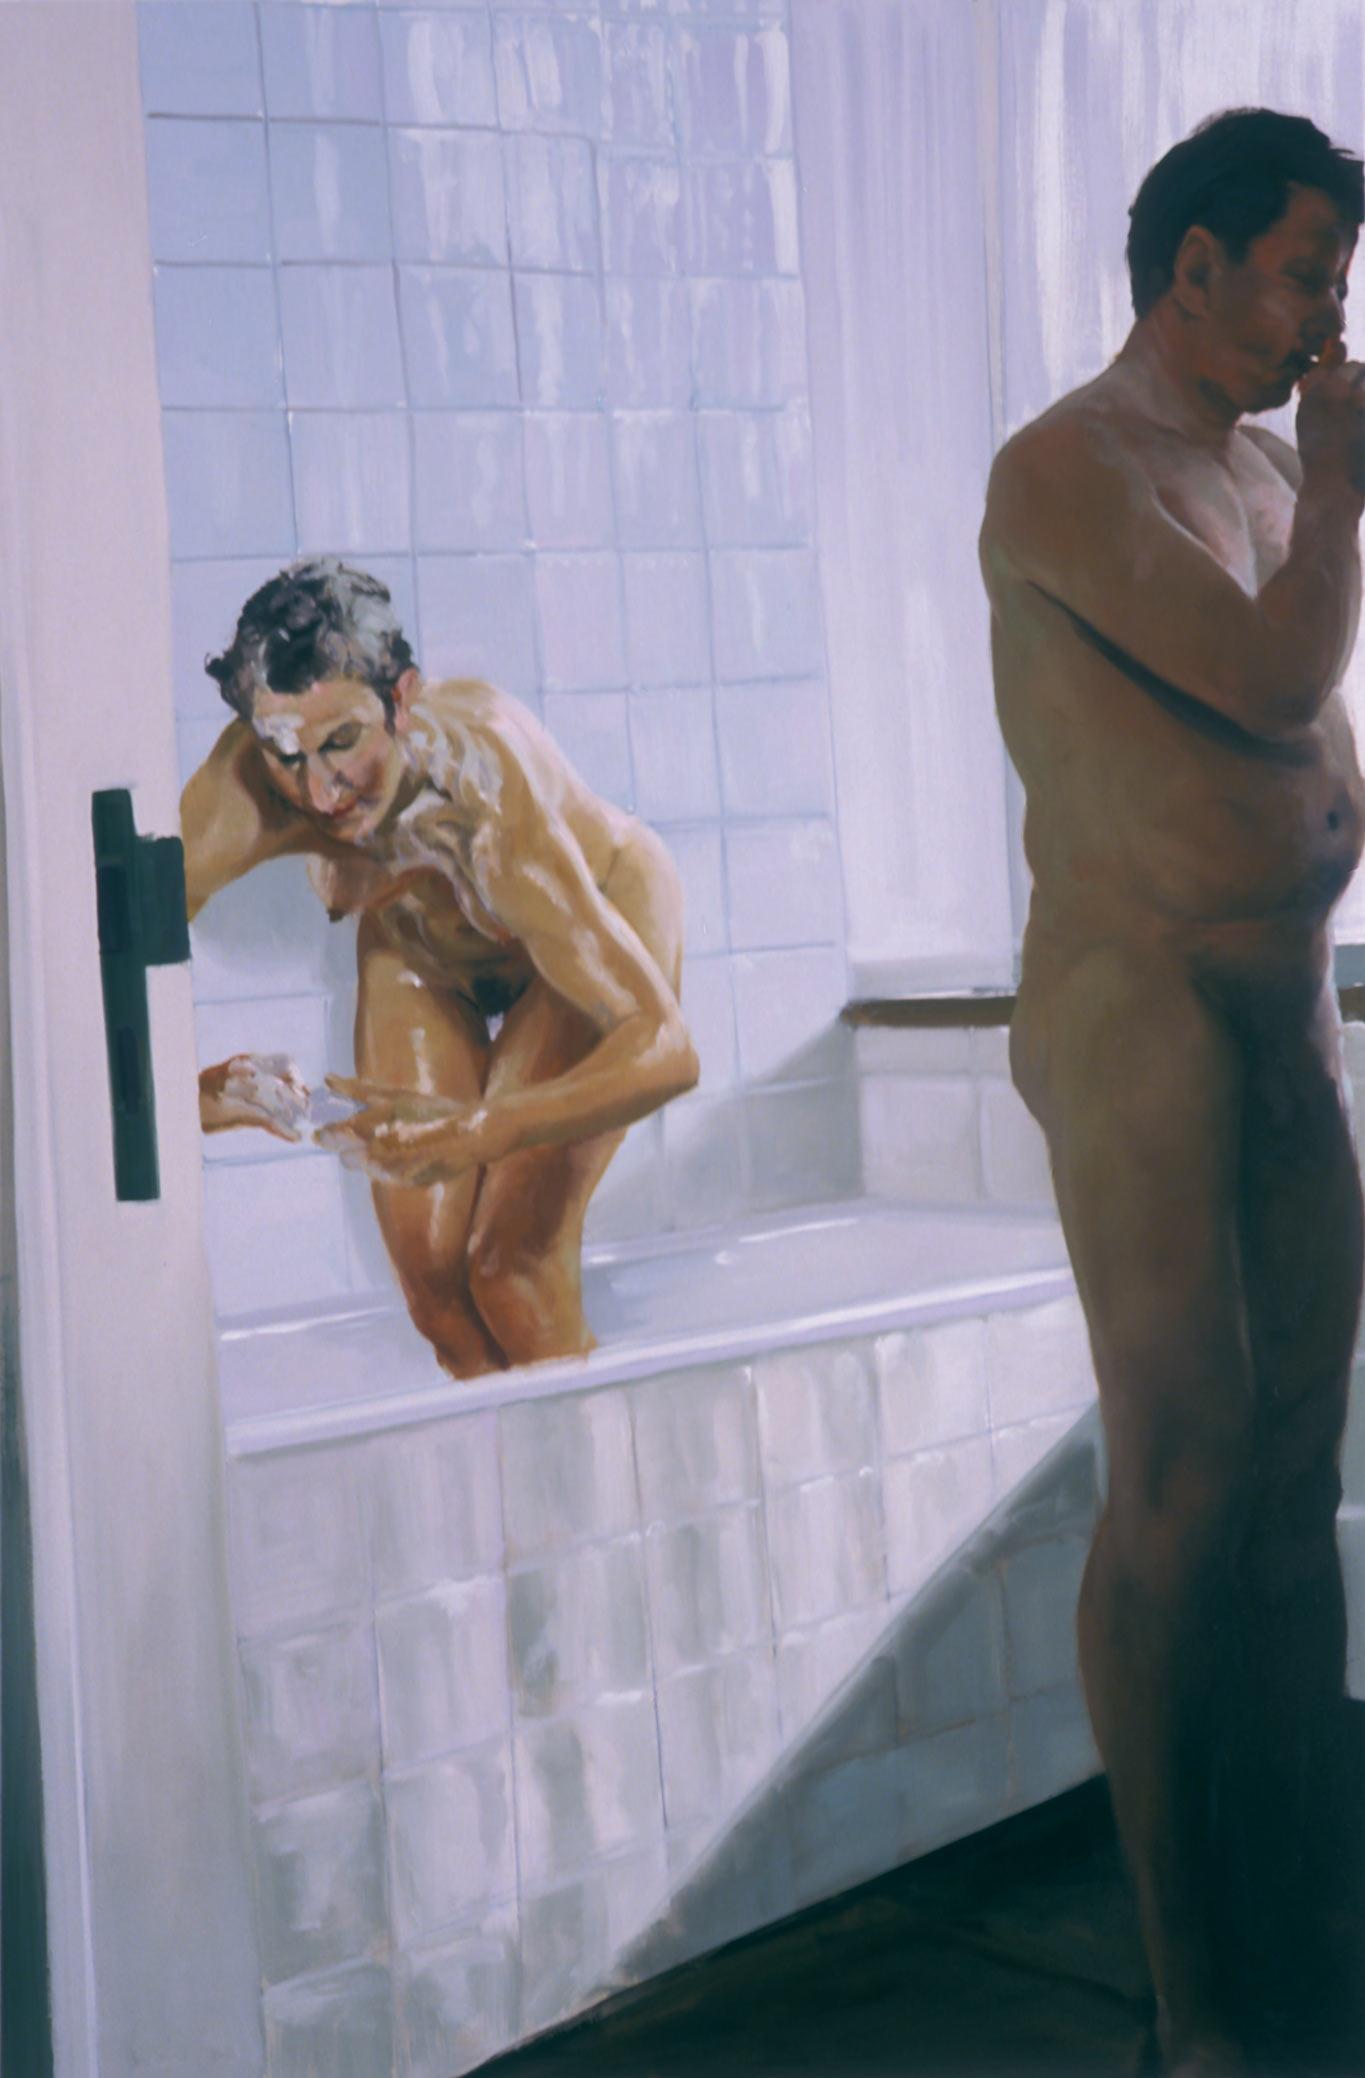 Bathroom, Scene #3, Untitled, 2004.